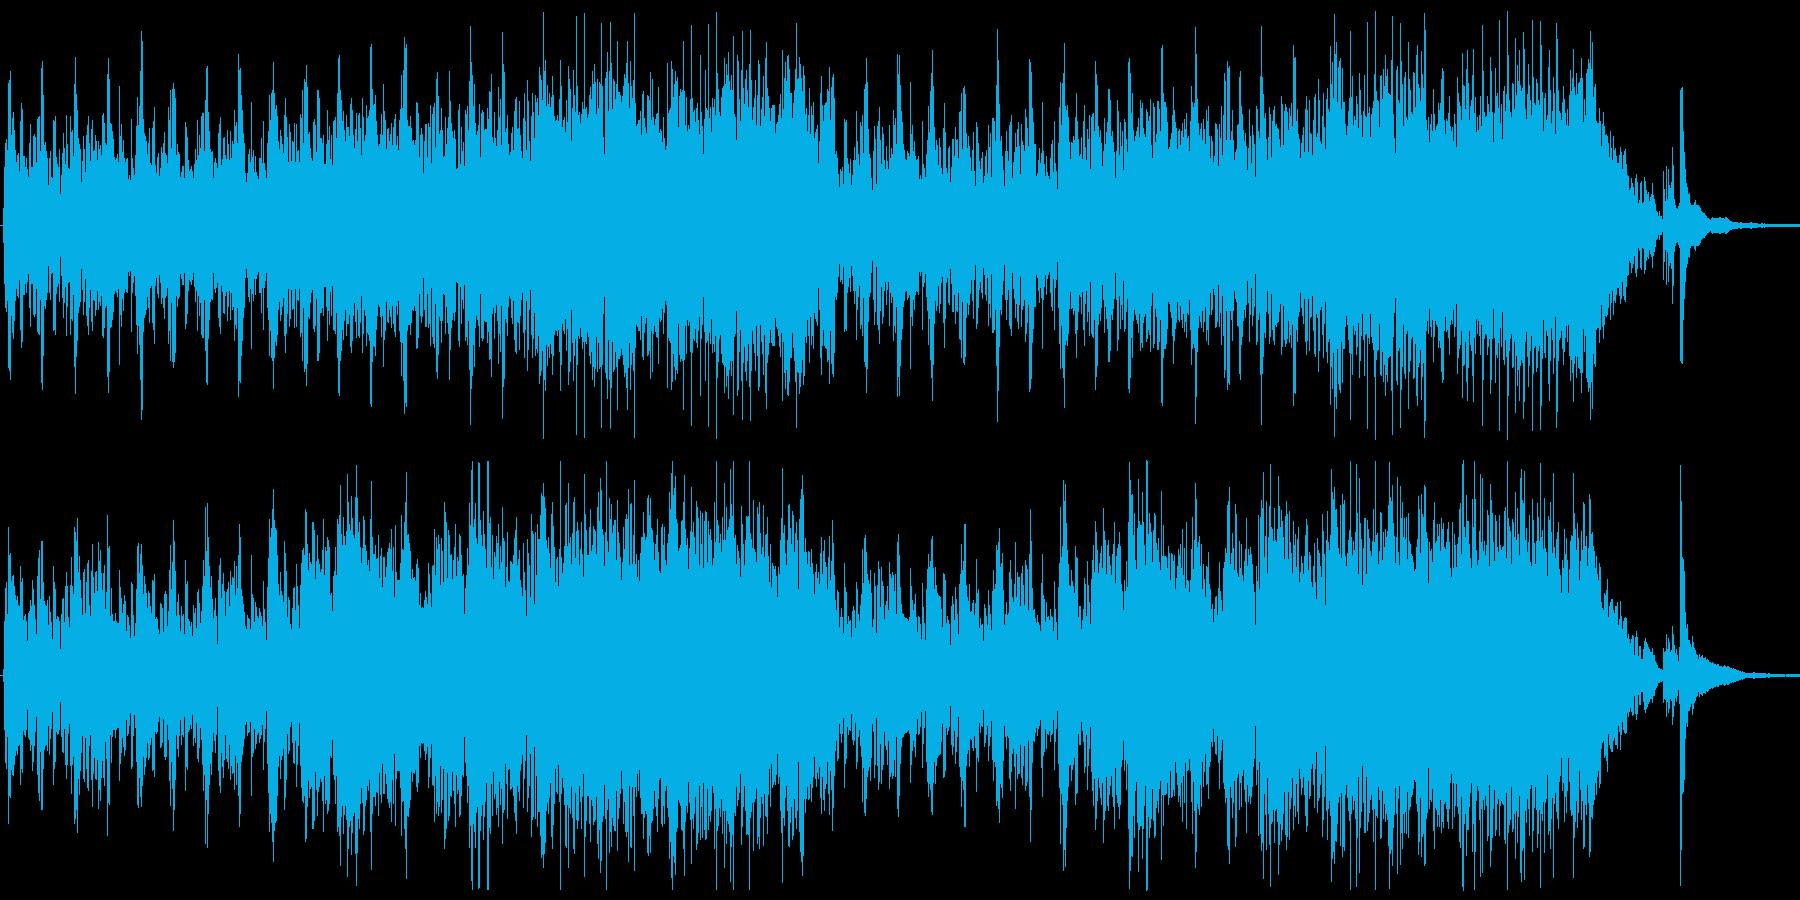 大空をイメージしたファンタジーBGMの再生済みの波形